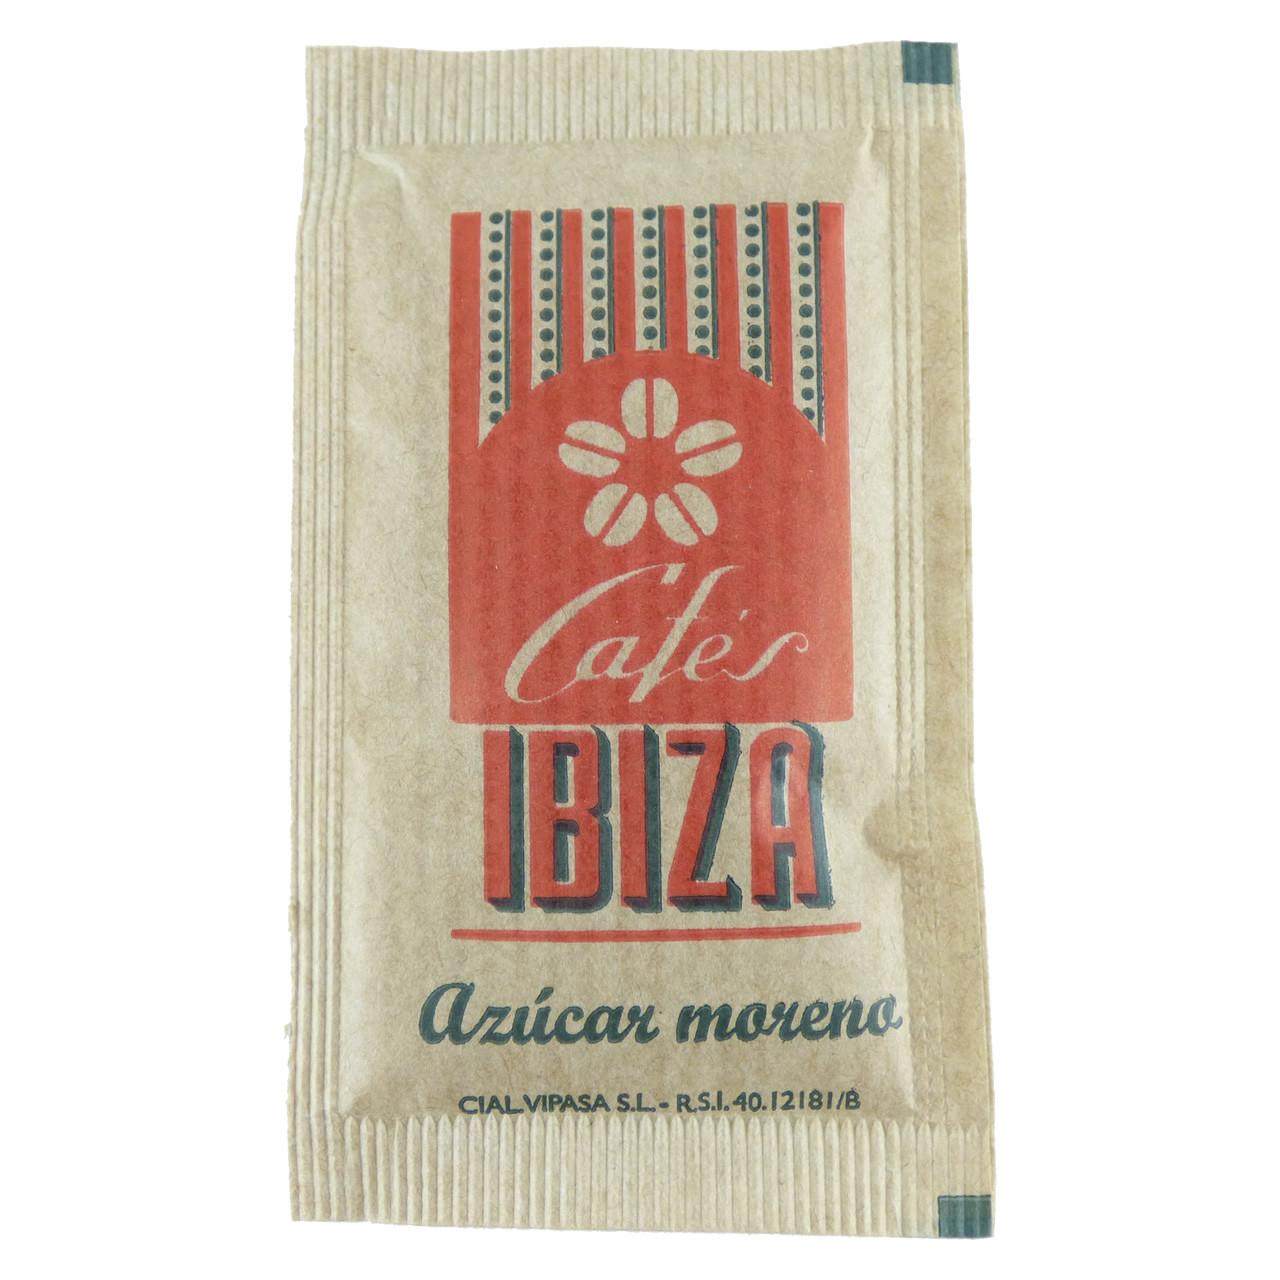 Bild von 50 Stück Zuckerpäckchen (brauner Zucker) - Cafés Ibiza